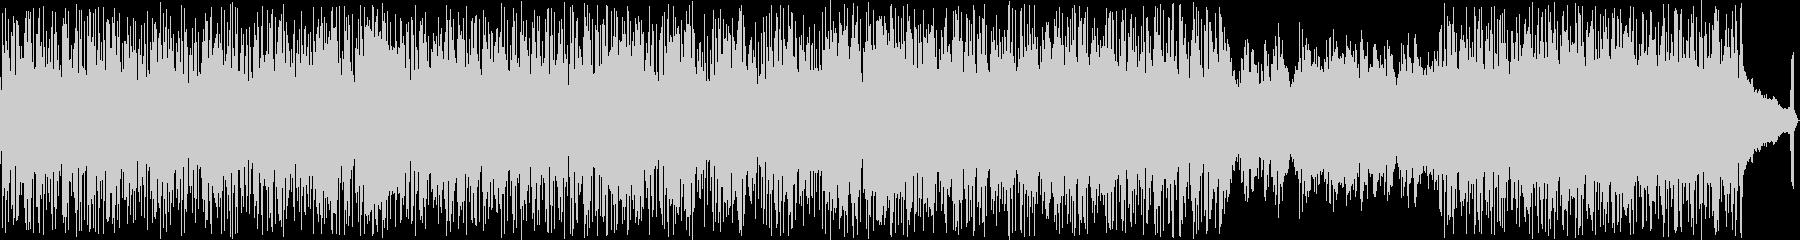 攻撃的なヴォーカルのパンクロックの未再生の波形